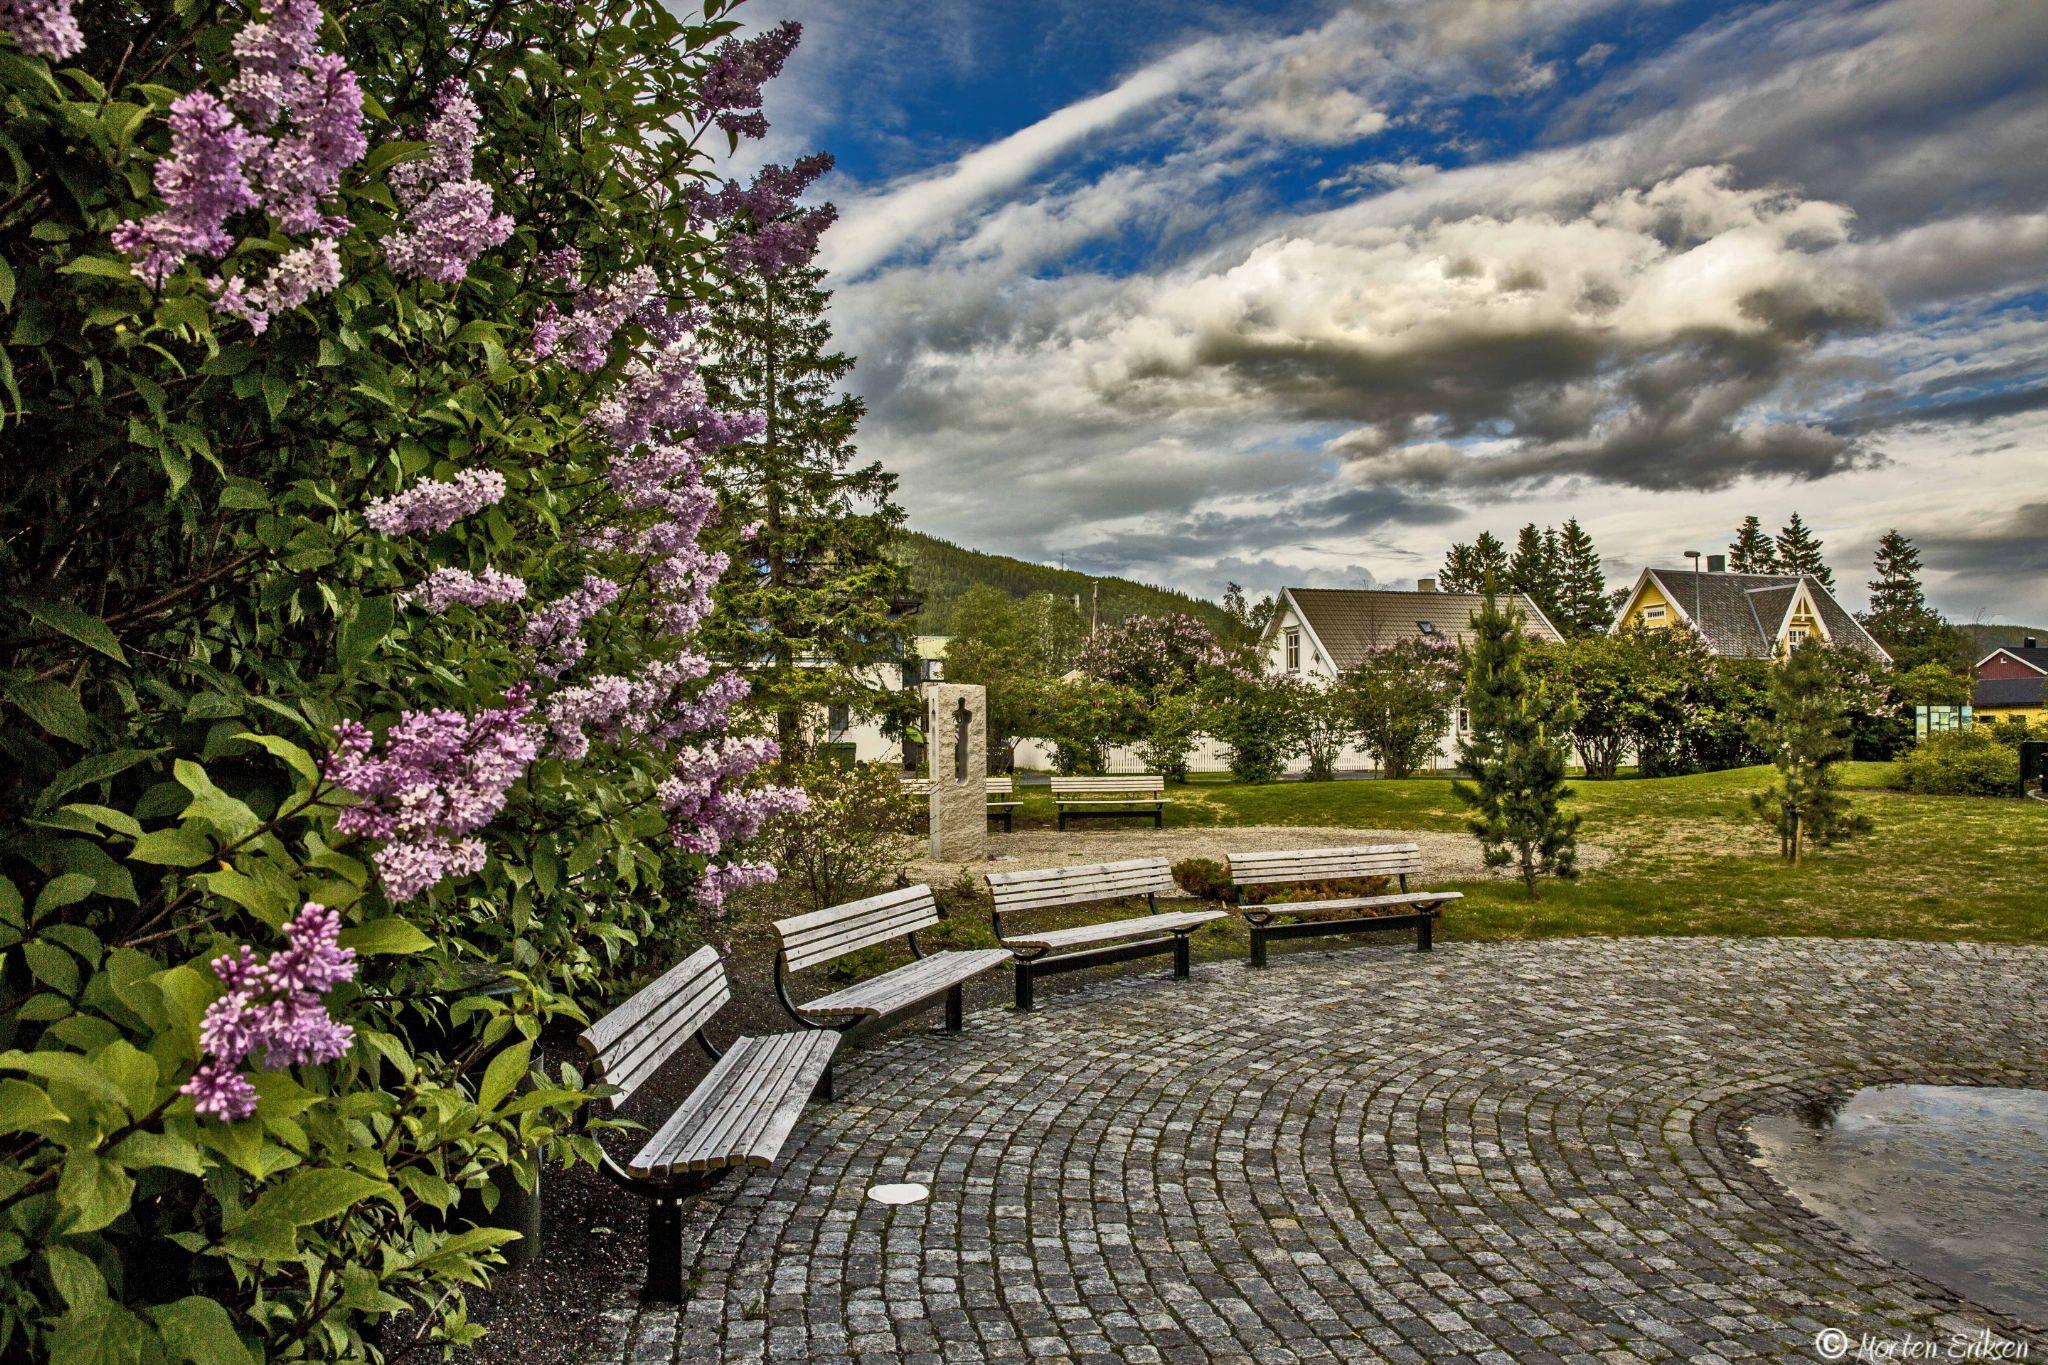 A walk in the park by Morten Eriksen